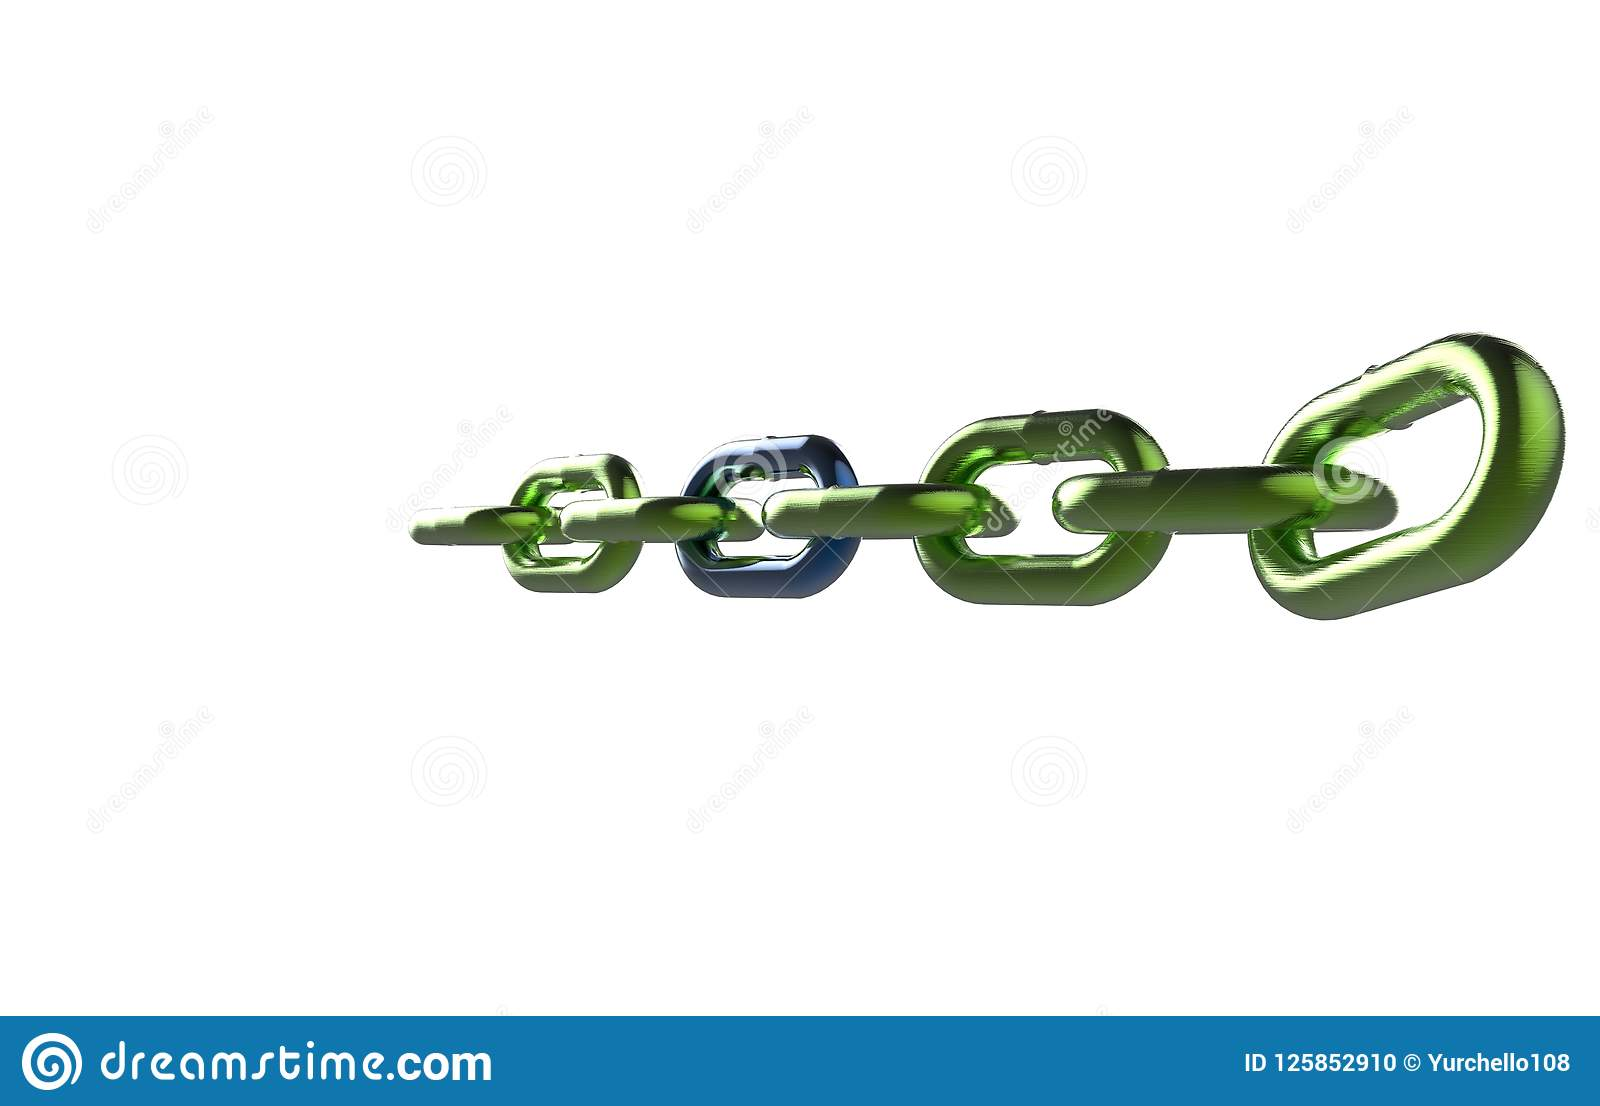 Πράσινη αλυσίδα μετάλλων με την μπλε τρισδιάστατη απόδοση συνδέσεων